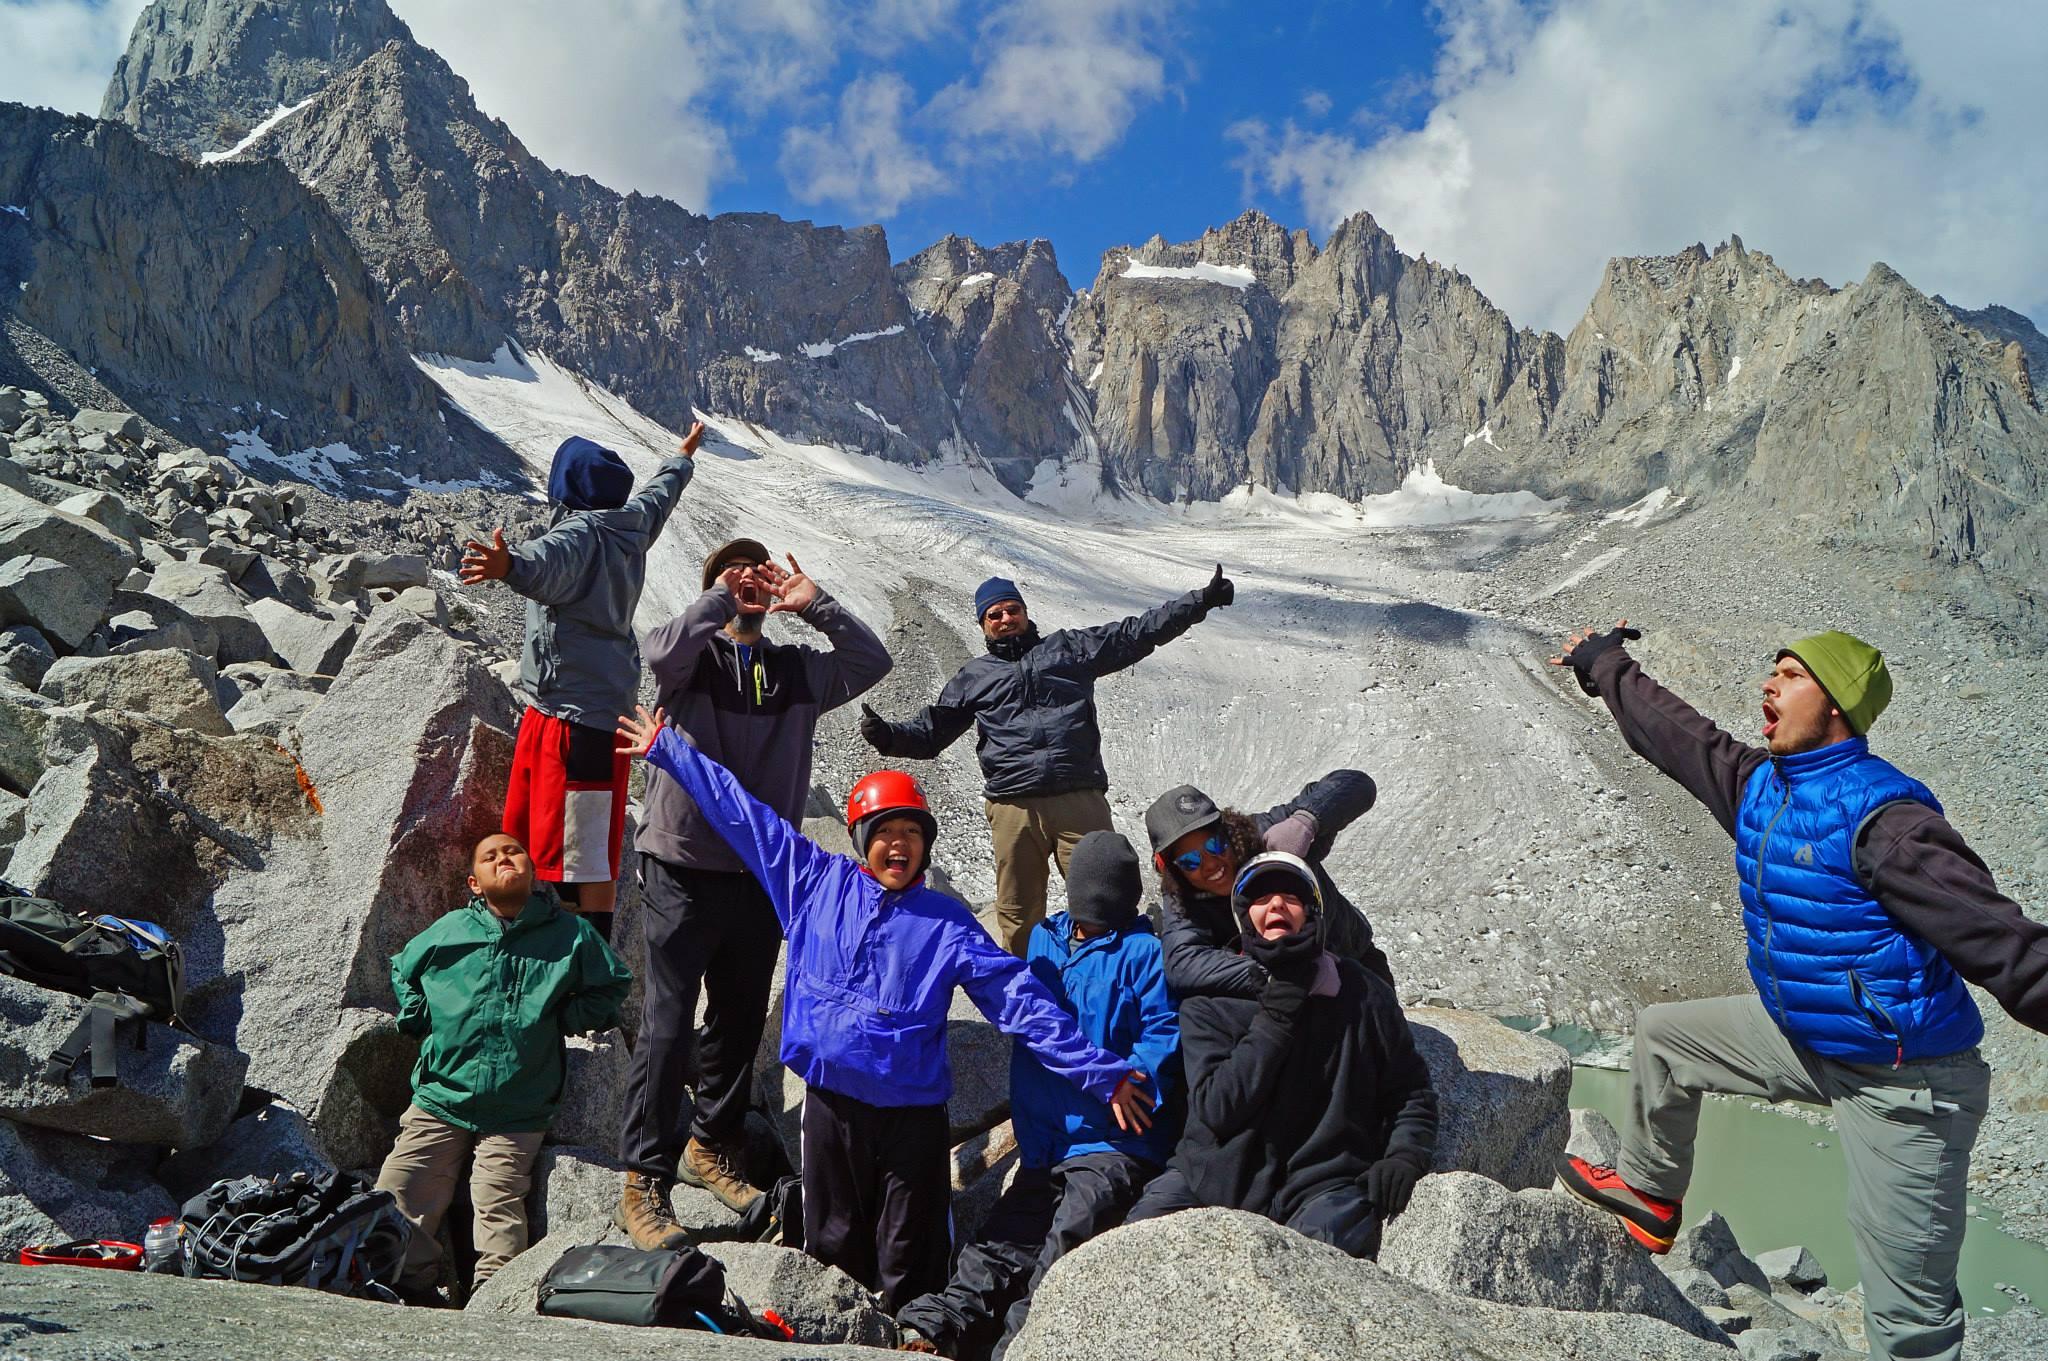 The Palisades Glacier